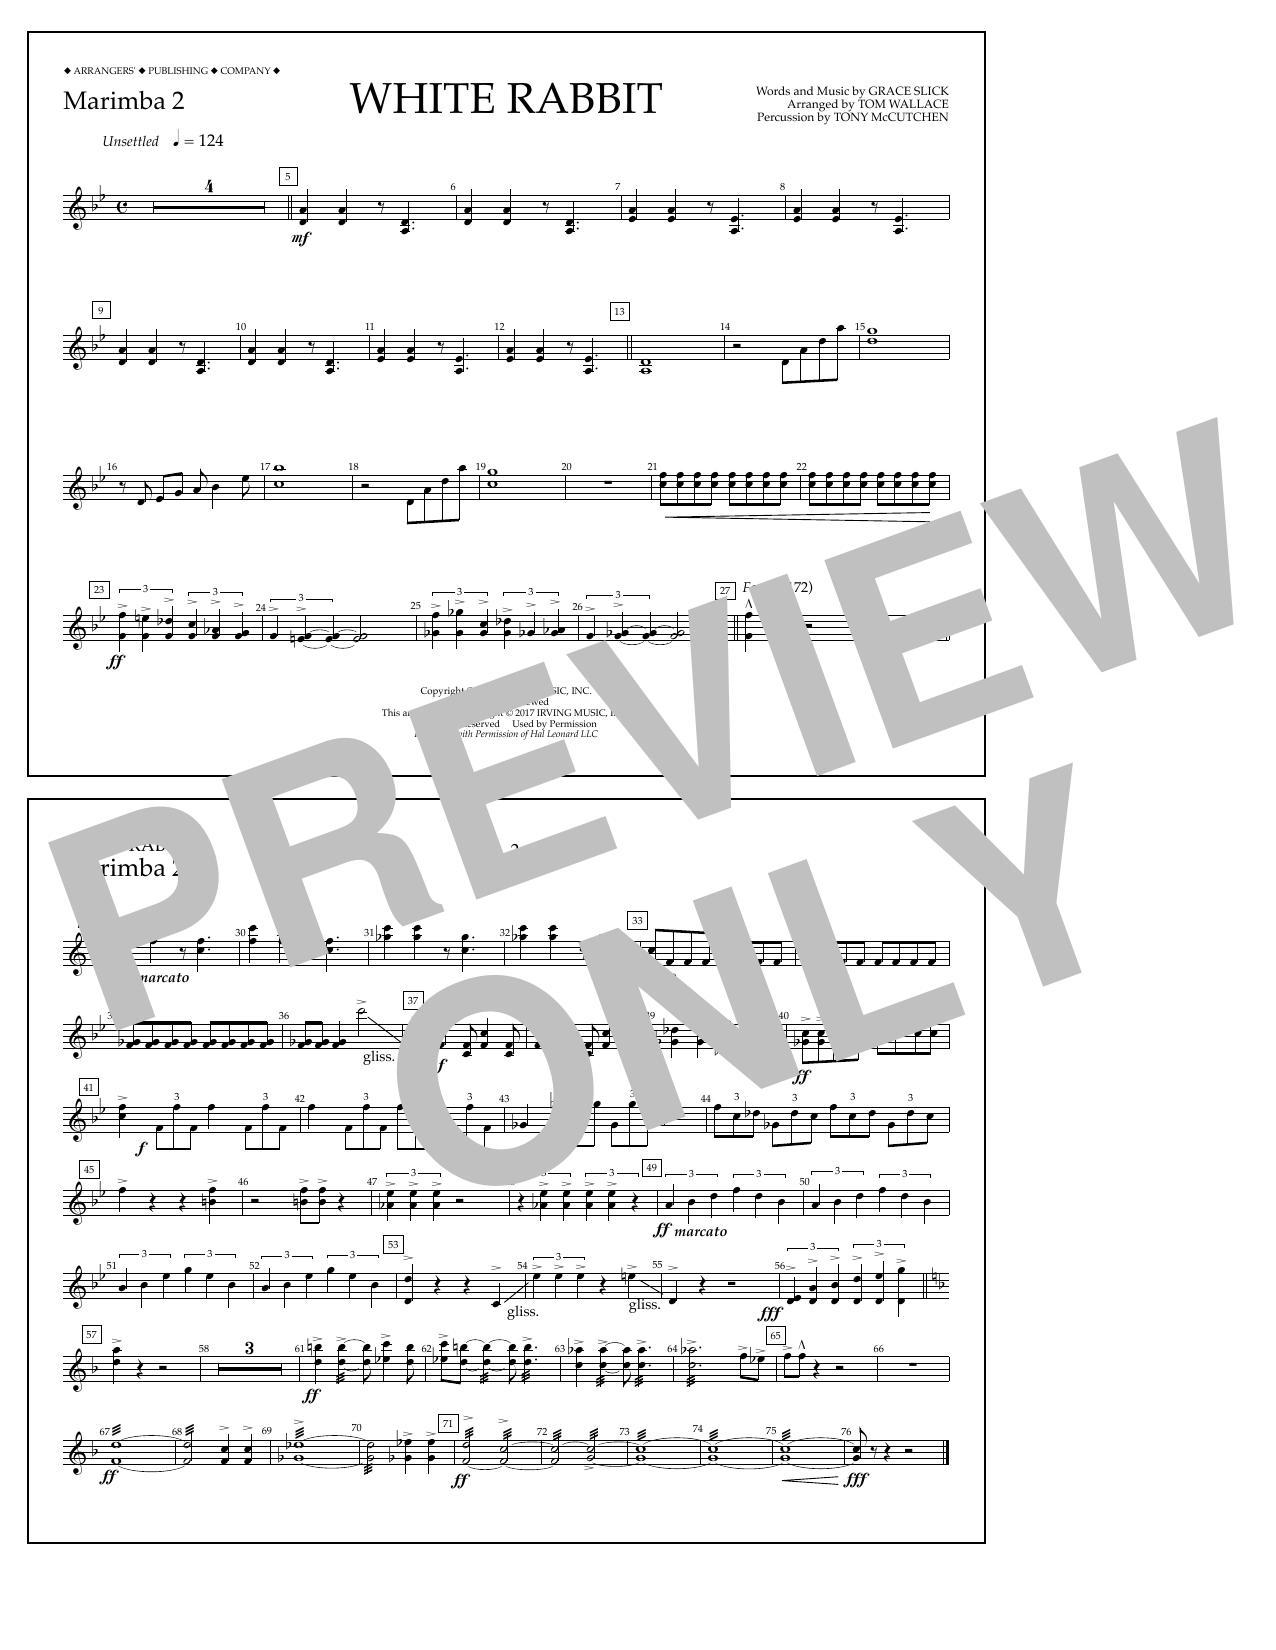 White Rabbit - Marimba 2 Sheet Music